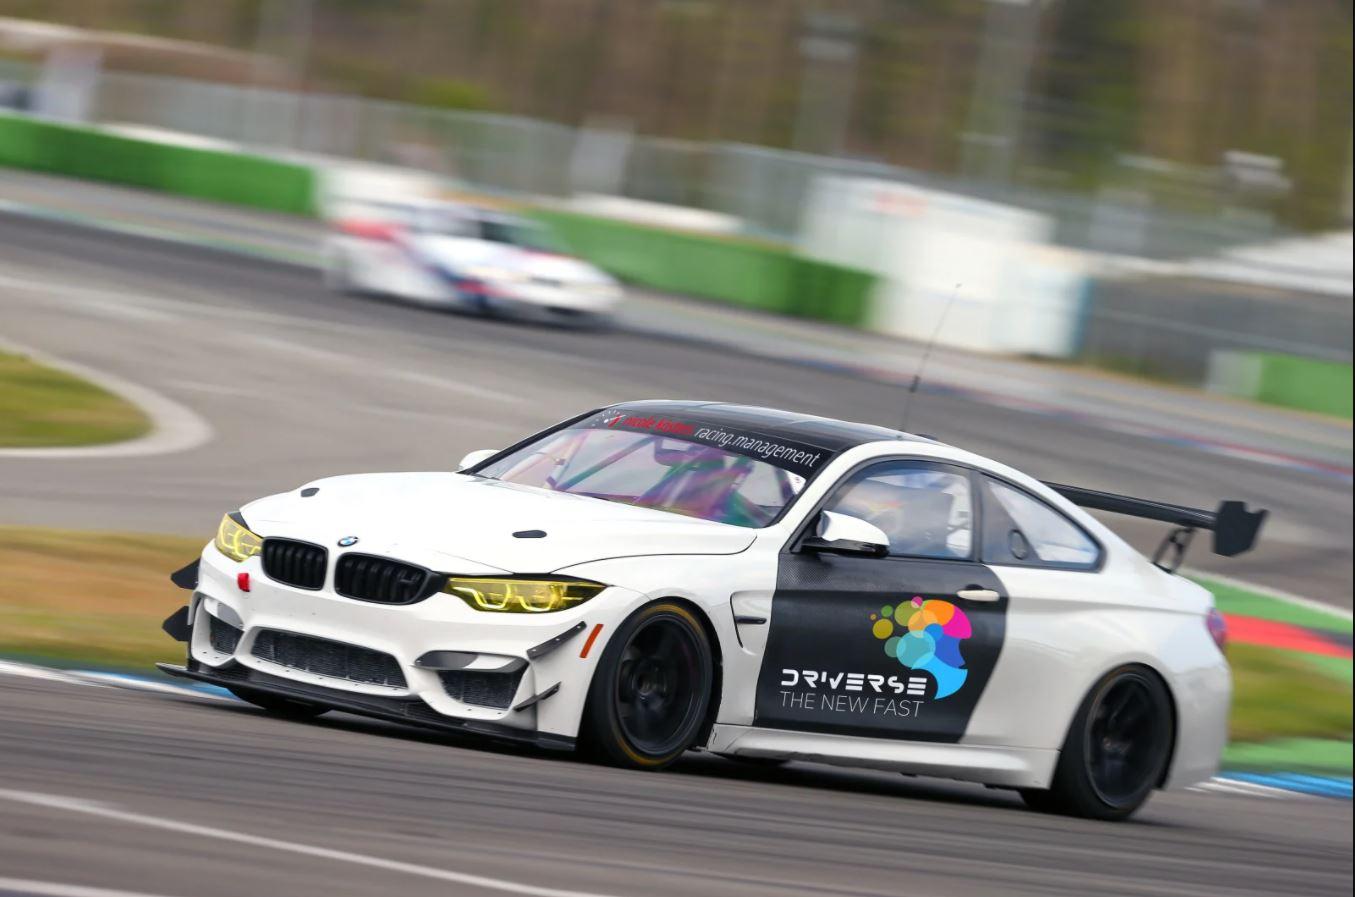 Team Driverse bringt noch mehr Diversität in ADAC GT4 Germany